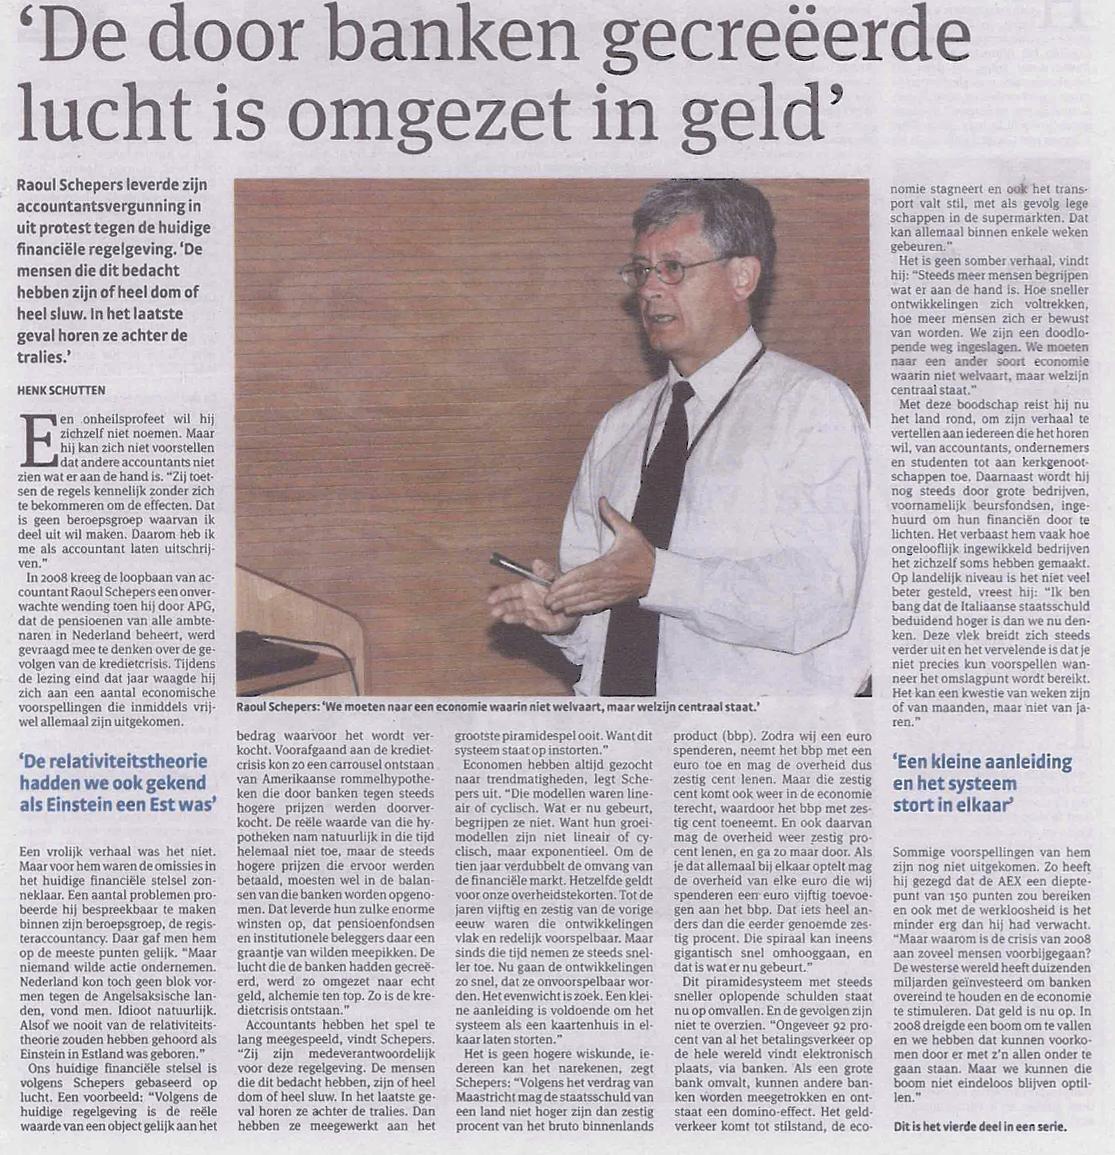 Raoul Schepers, Het Parool, 28 Nov 2011